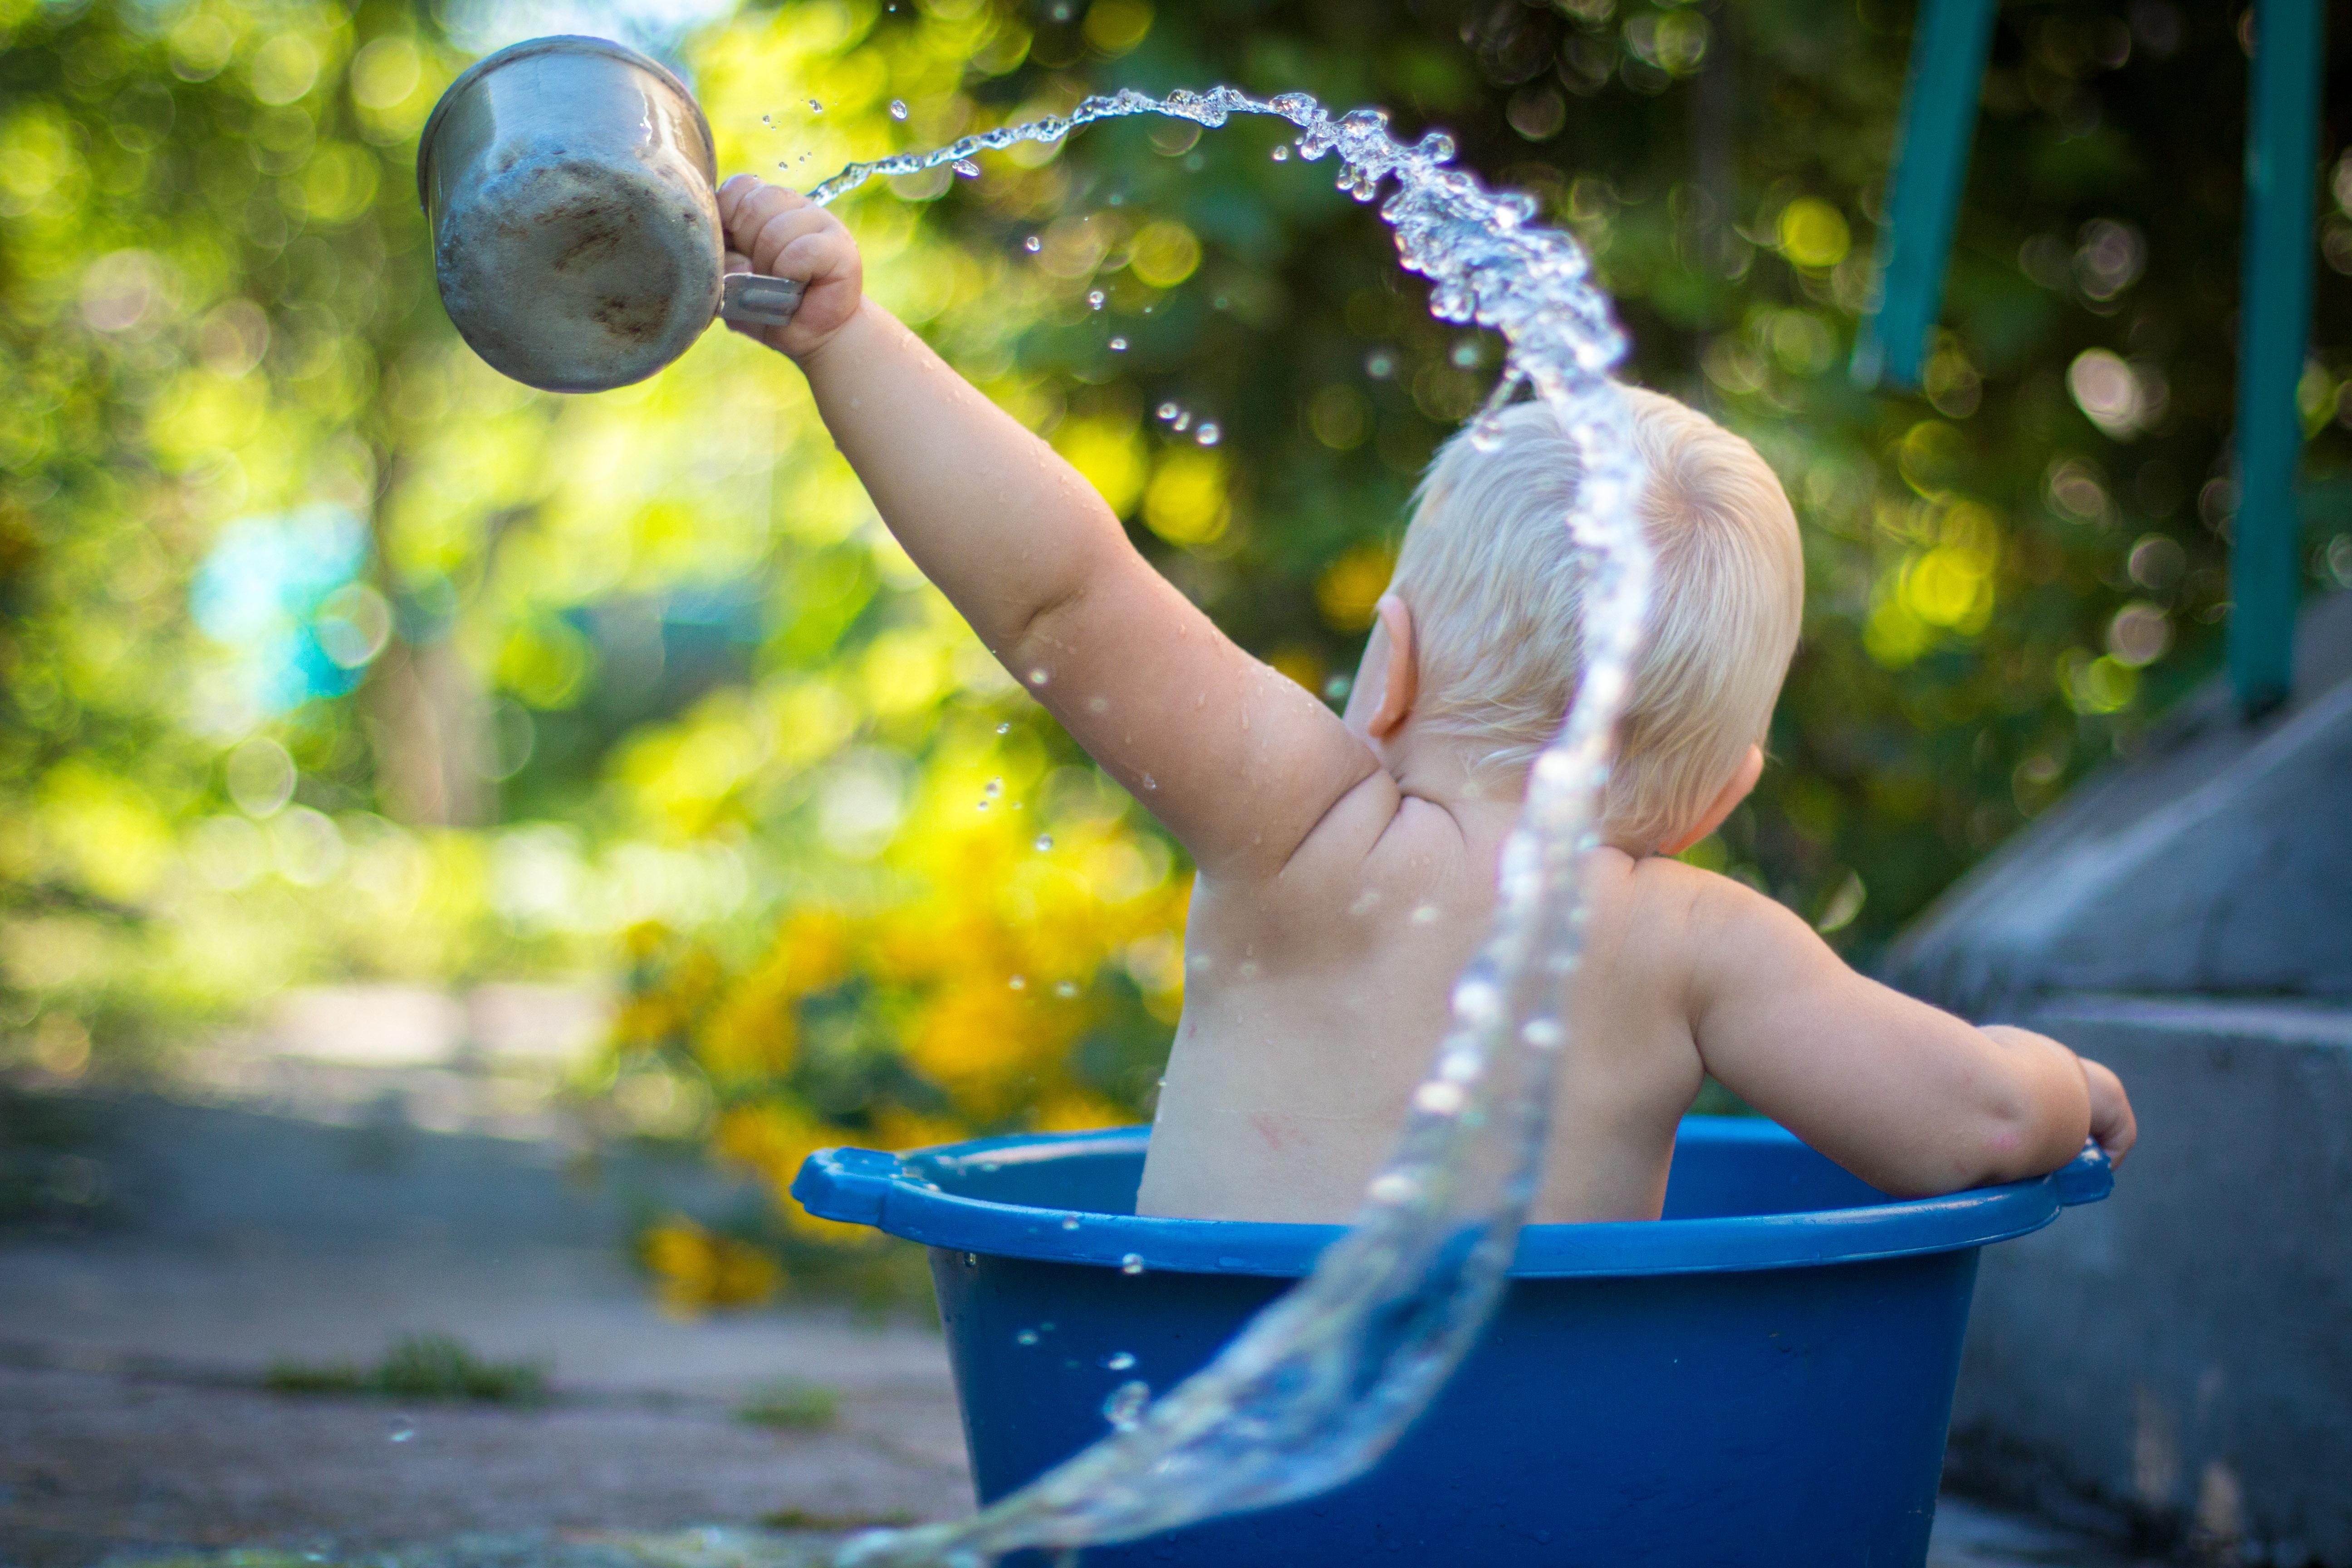 Bambin dans une bassine qui lance de l'eau